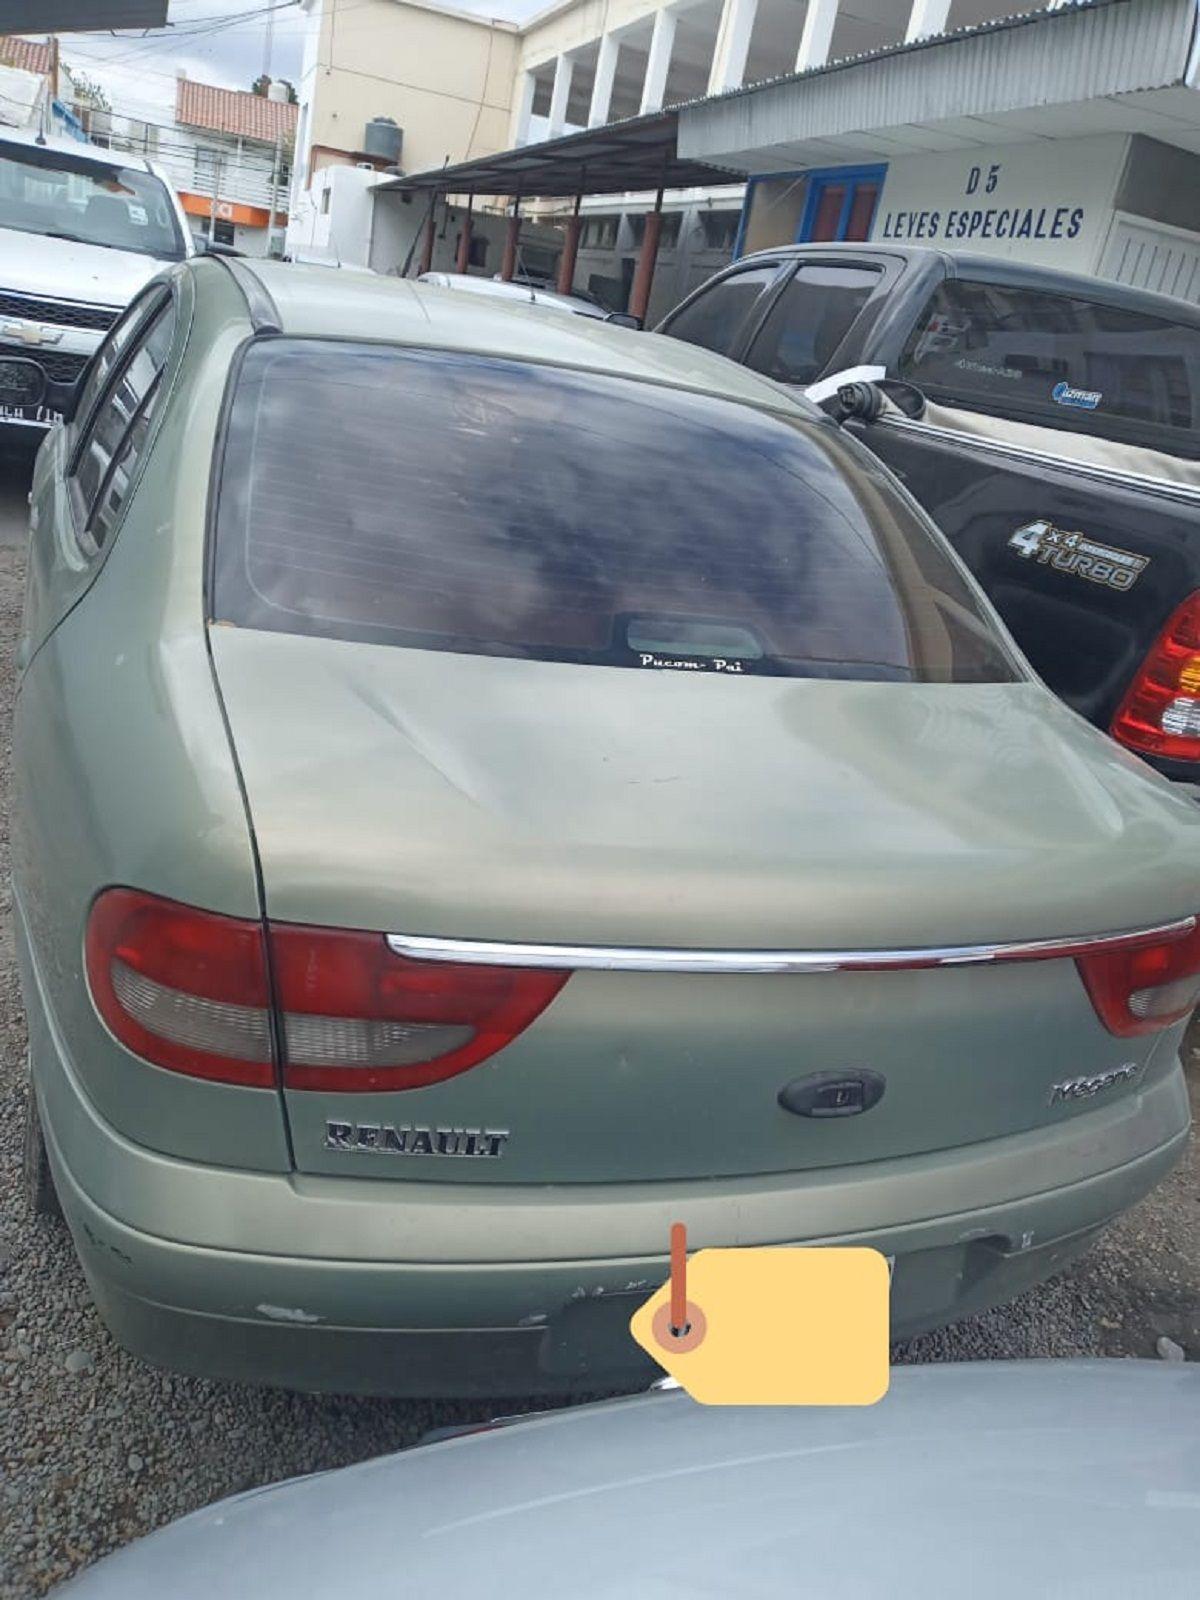 Secuestraron dos vehículos robados en Mendoza.